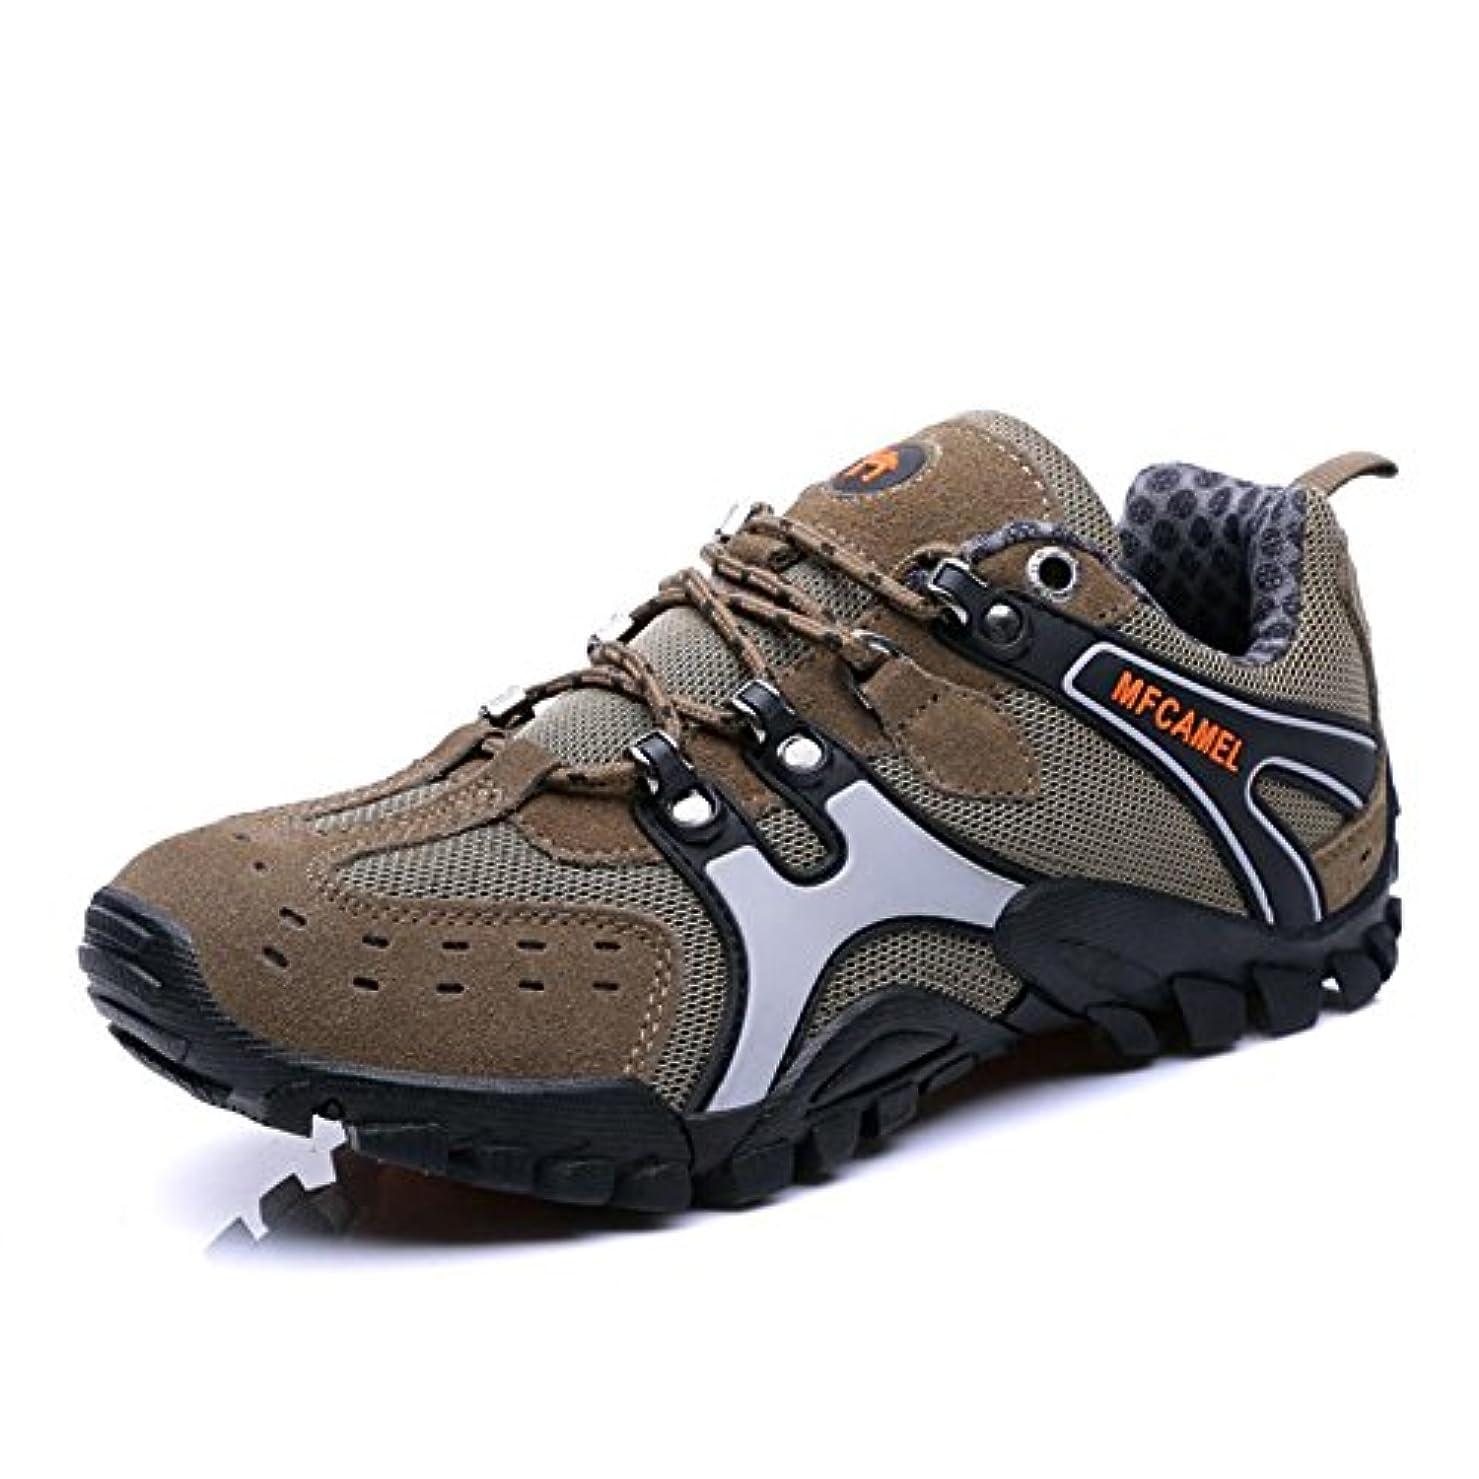 戦略模倣赤Largeshop メンズ トレッキングシューズ アウトドアシューズ 登山靴 軽量 ウォーキングシューズ ハイキング ハイカット 滑りにくい スニーカー(ブラワン,27.0cm)